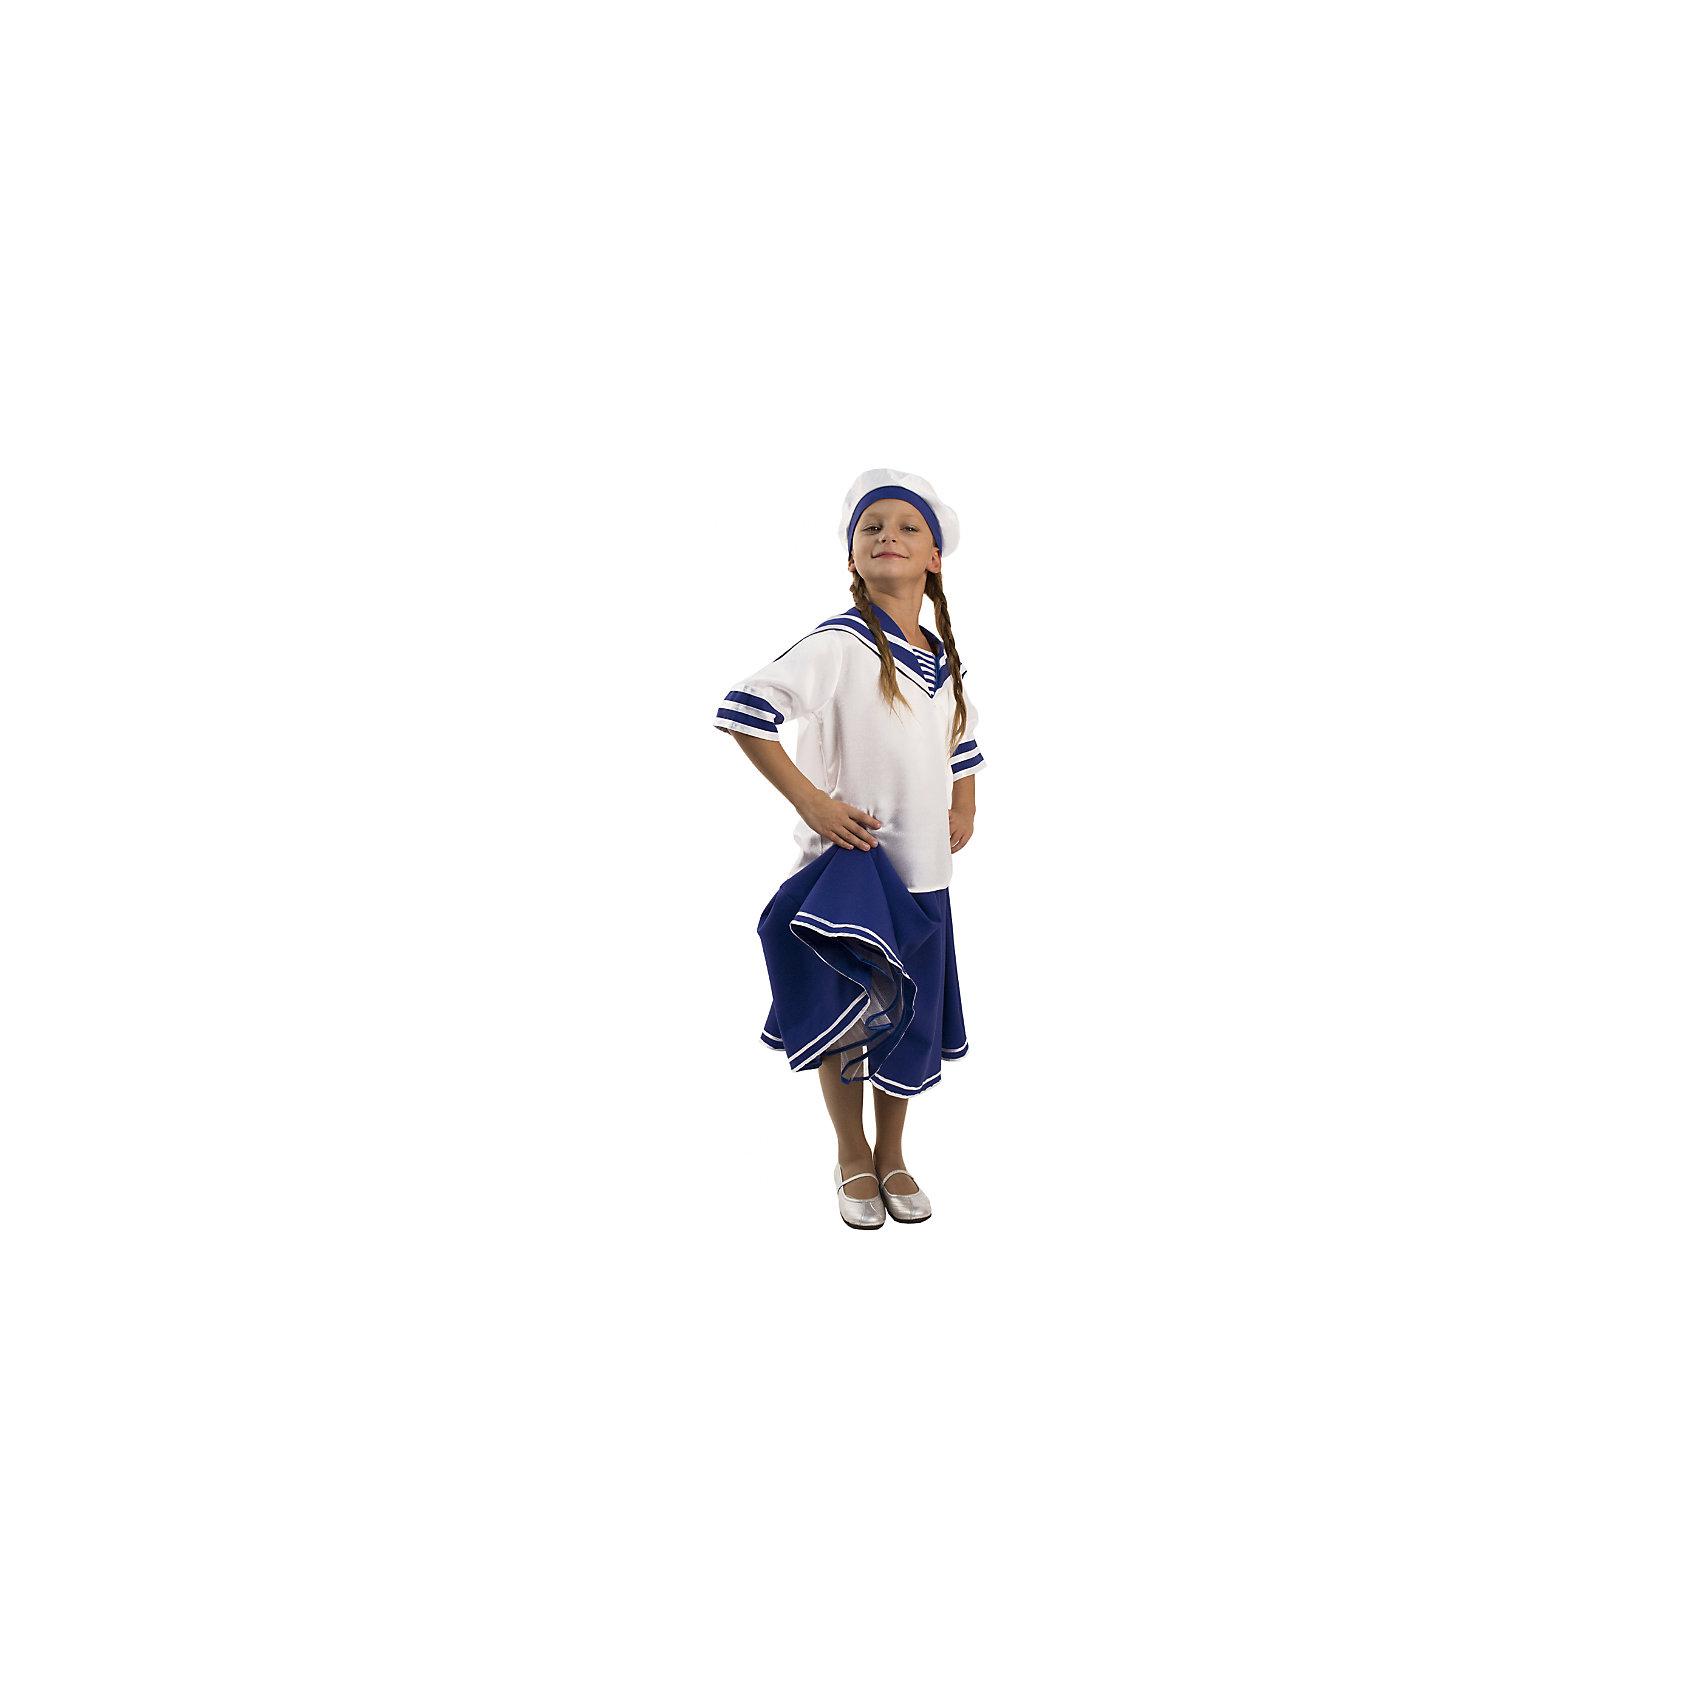 Карнавальный костюм для девочки Морячка, ВестификаКарнавальные костюмы и аксессуары<br>Детский карнавальный костюм Морячка подойдет как для утренника в детском саду, так и для исполнения танцев различными танцевальными коллективами.<br><br>Дополнительная информация:<br><br>В комплект входит: Рубашка с гюйсом, юбка, панама. <br>Материал: крепсатин (100% полиэстер)<br>Рекомендуется для детей старше 3-х лет для кратковременного ношения. <br>Срок службы 5 лет при аккуратном ношении. <br>Способ ухода за изделием: ручная стирка при температуре 30 С° с применением нейтральных моющих средств. <br>Не отжимать. <br>Не сушить в машине. <br>Гладить при низкой температуре.<br><br>Карнавальный костюм для девочки Морячка, Вестифика можно купить в нашем магазине.<br><br>Ширина мм: 236<br>Глубина мм: 16<br>Высота мм: 184<br>Вес г: 360<br>Цвет: белый<br>Возраст от месяцев: 96<br>Возраст до месяцев: 108<br>Пол: Женский<br>Возраст: Детский<br>Размер: 128/134,116/122<br>SKU: 4528614